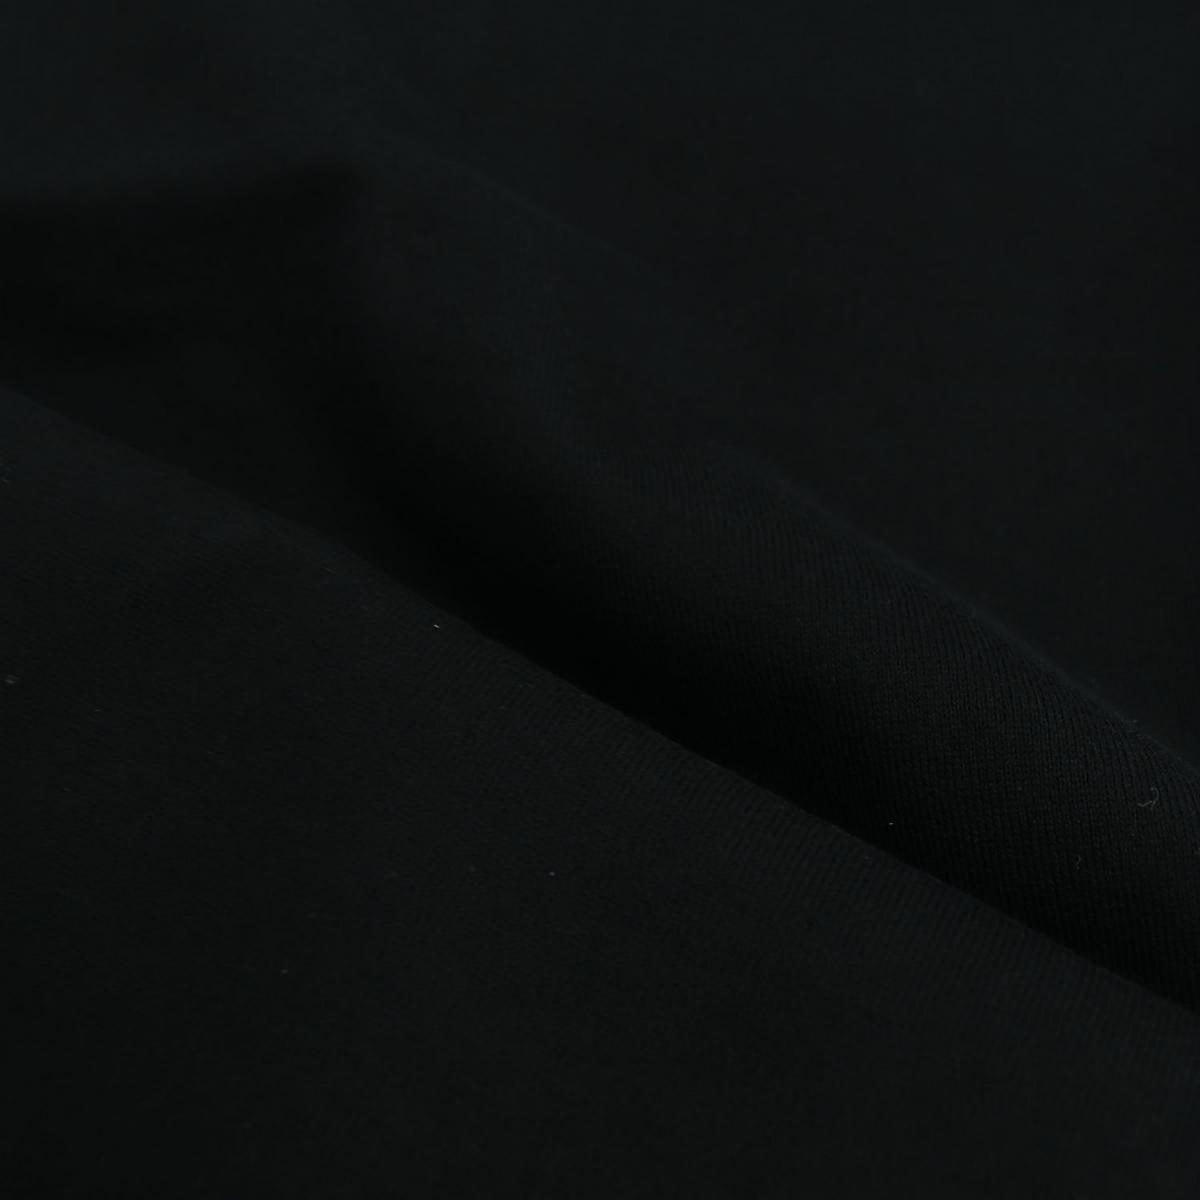 フェデーリ FEDELI メンズ GIZA オーガニックコットン クルーネックTシャツ EXTREME MM. FDL 36(ブラック) 春夏新作